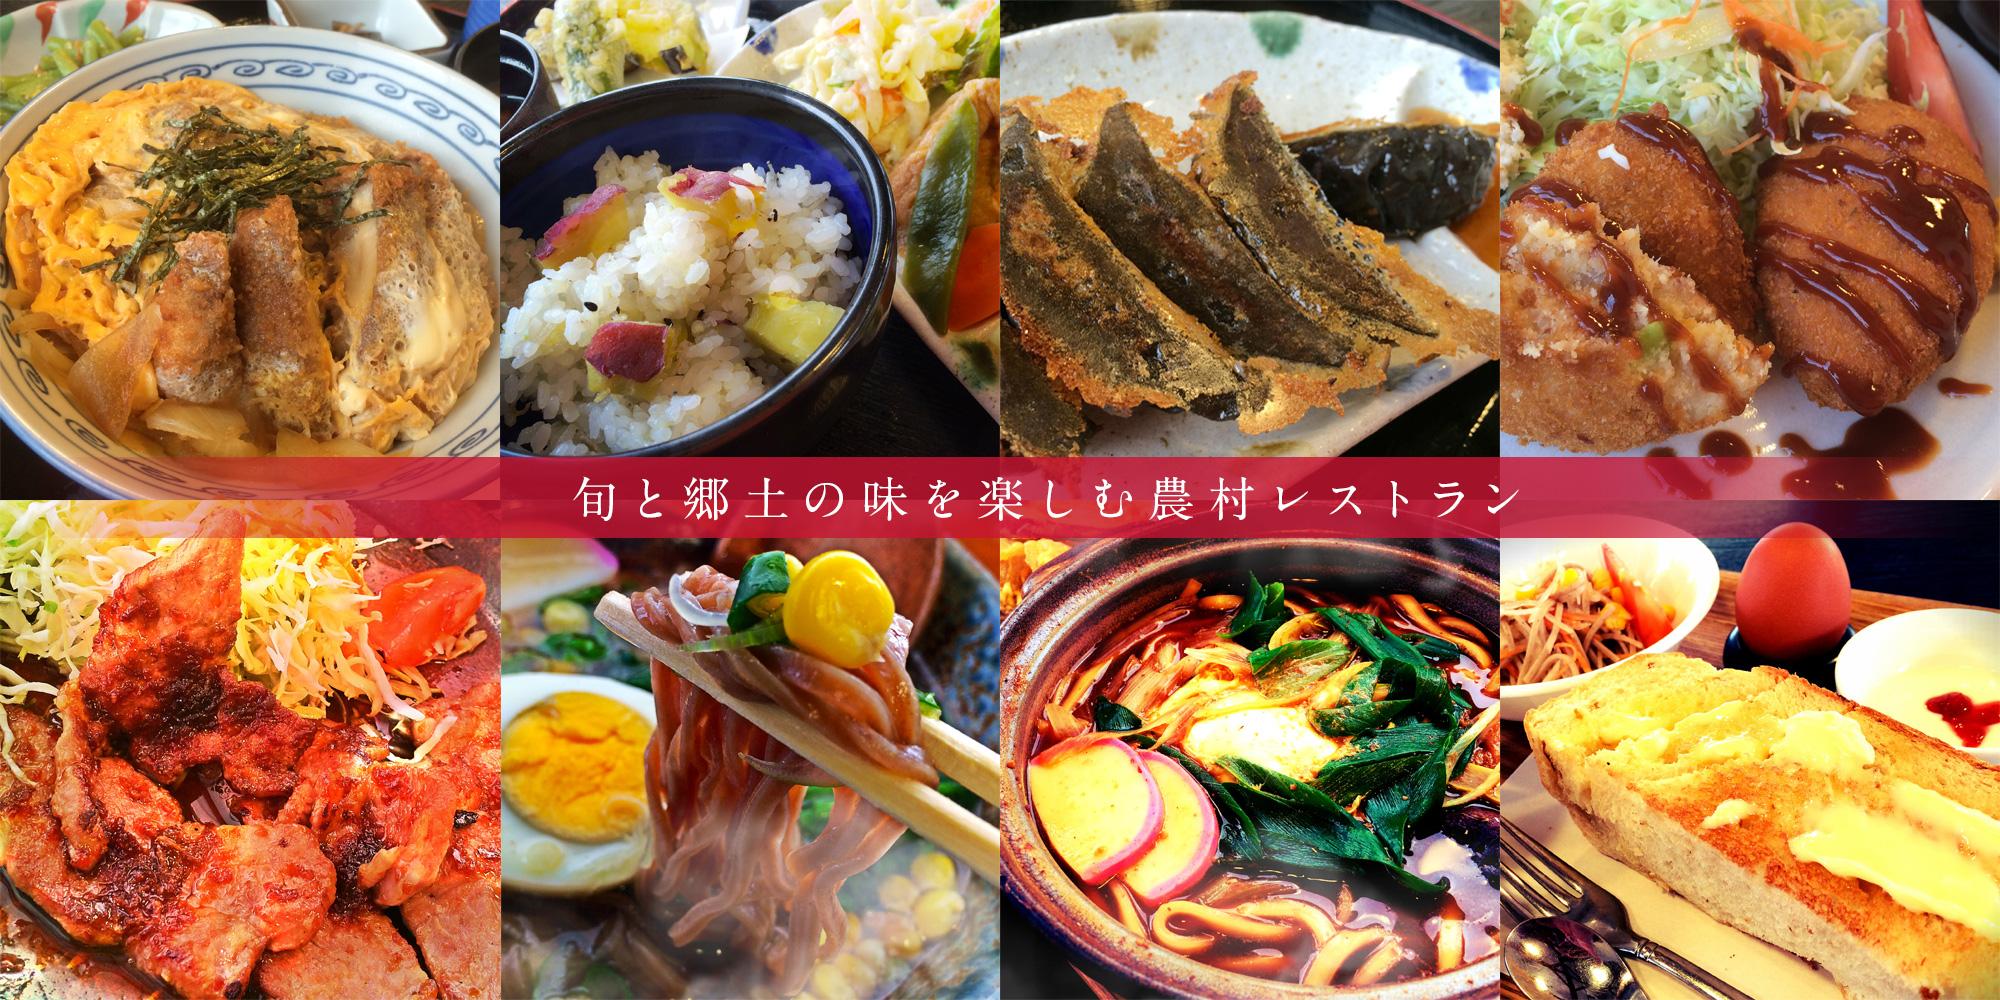 てんこもり伊自良 | 岐阜・山県の野菜直売とレストラン